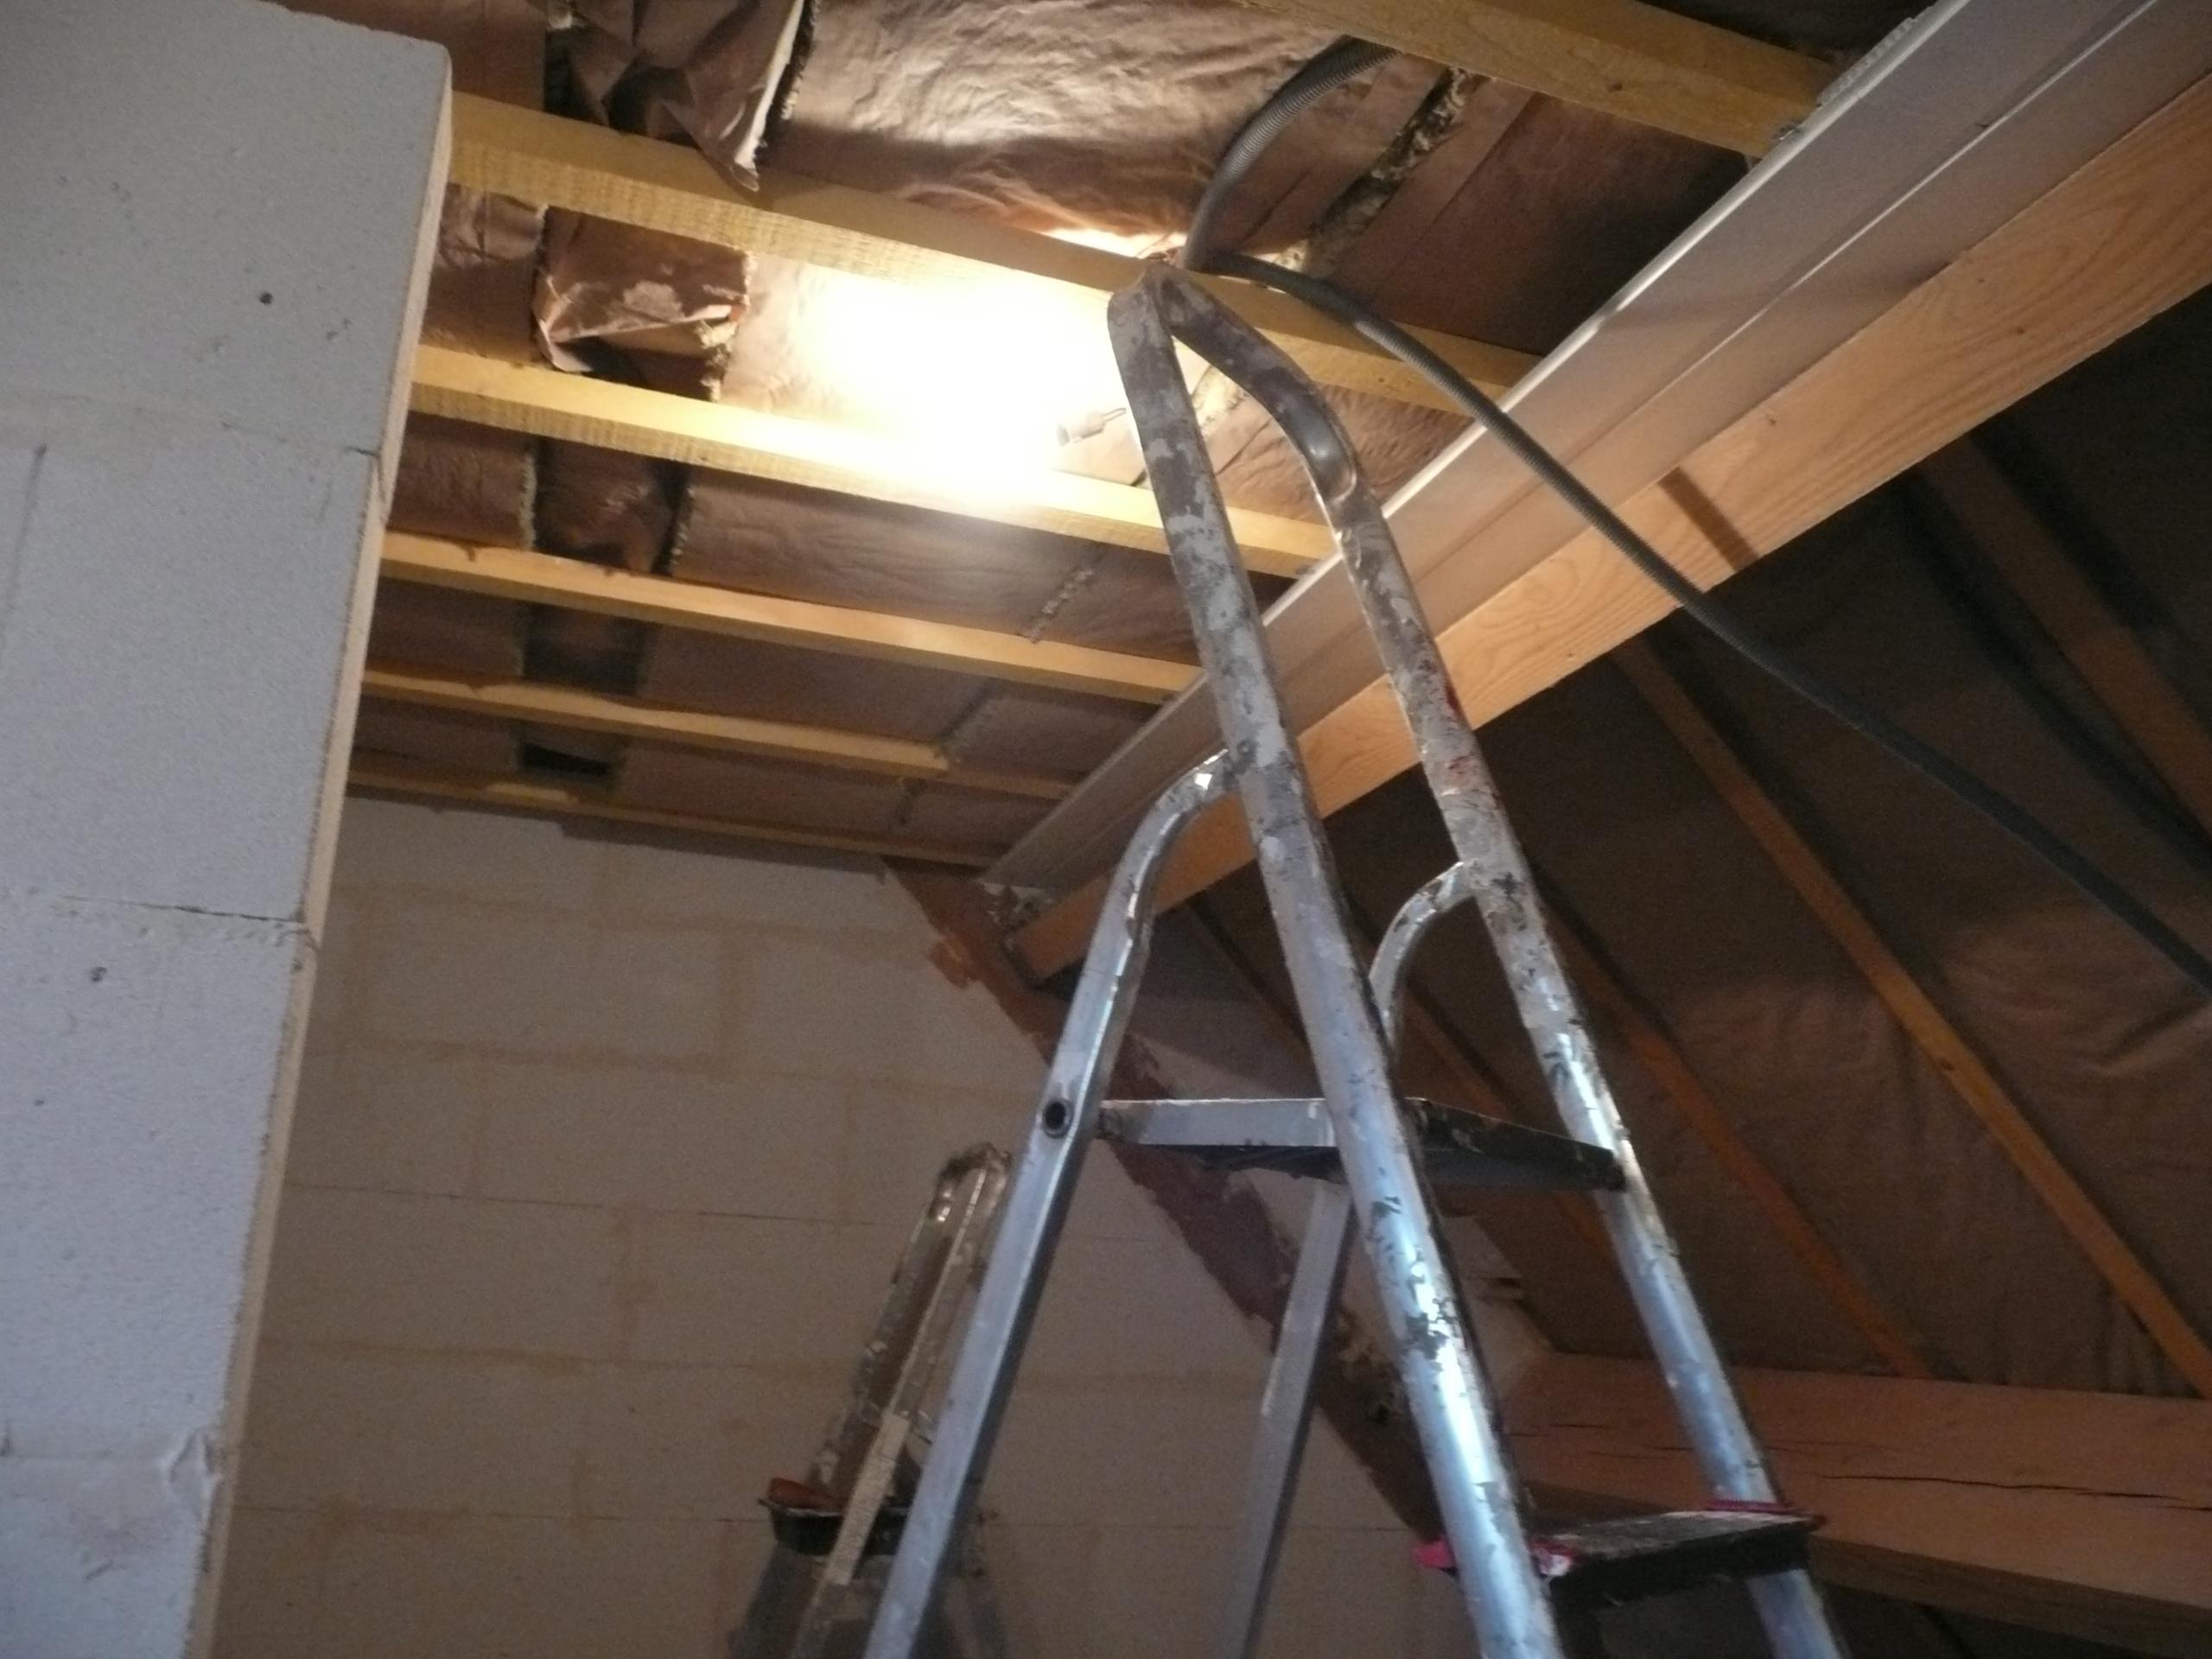 Les travaux page 6 r nov malong re58 for Pose de lambris pvc au plafond